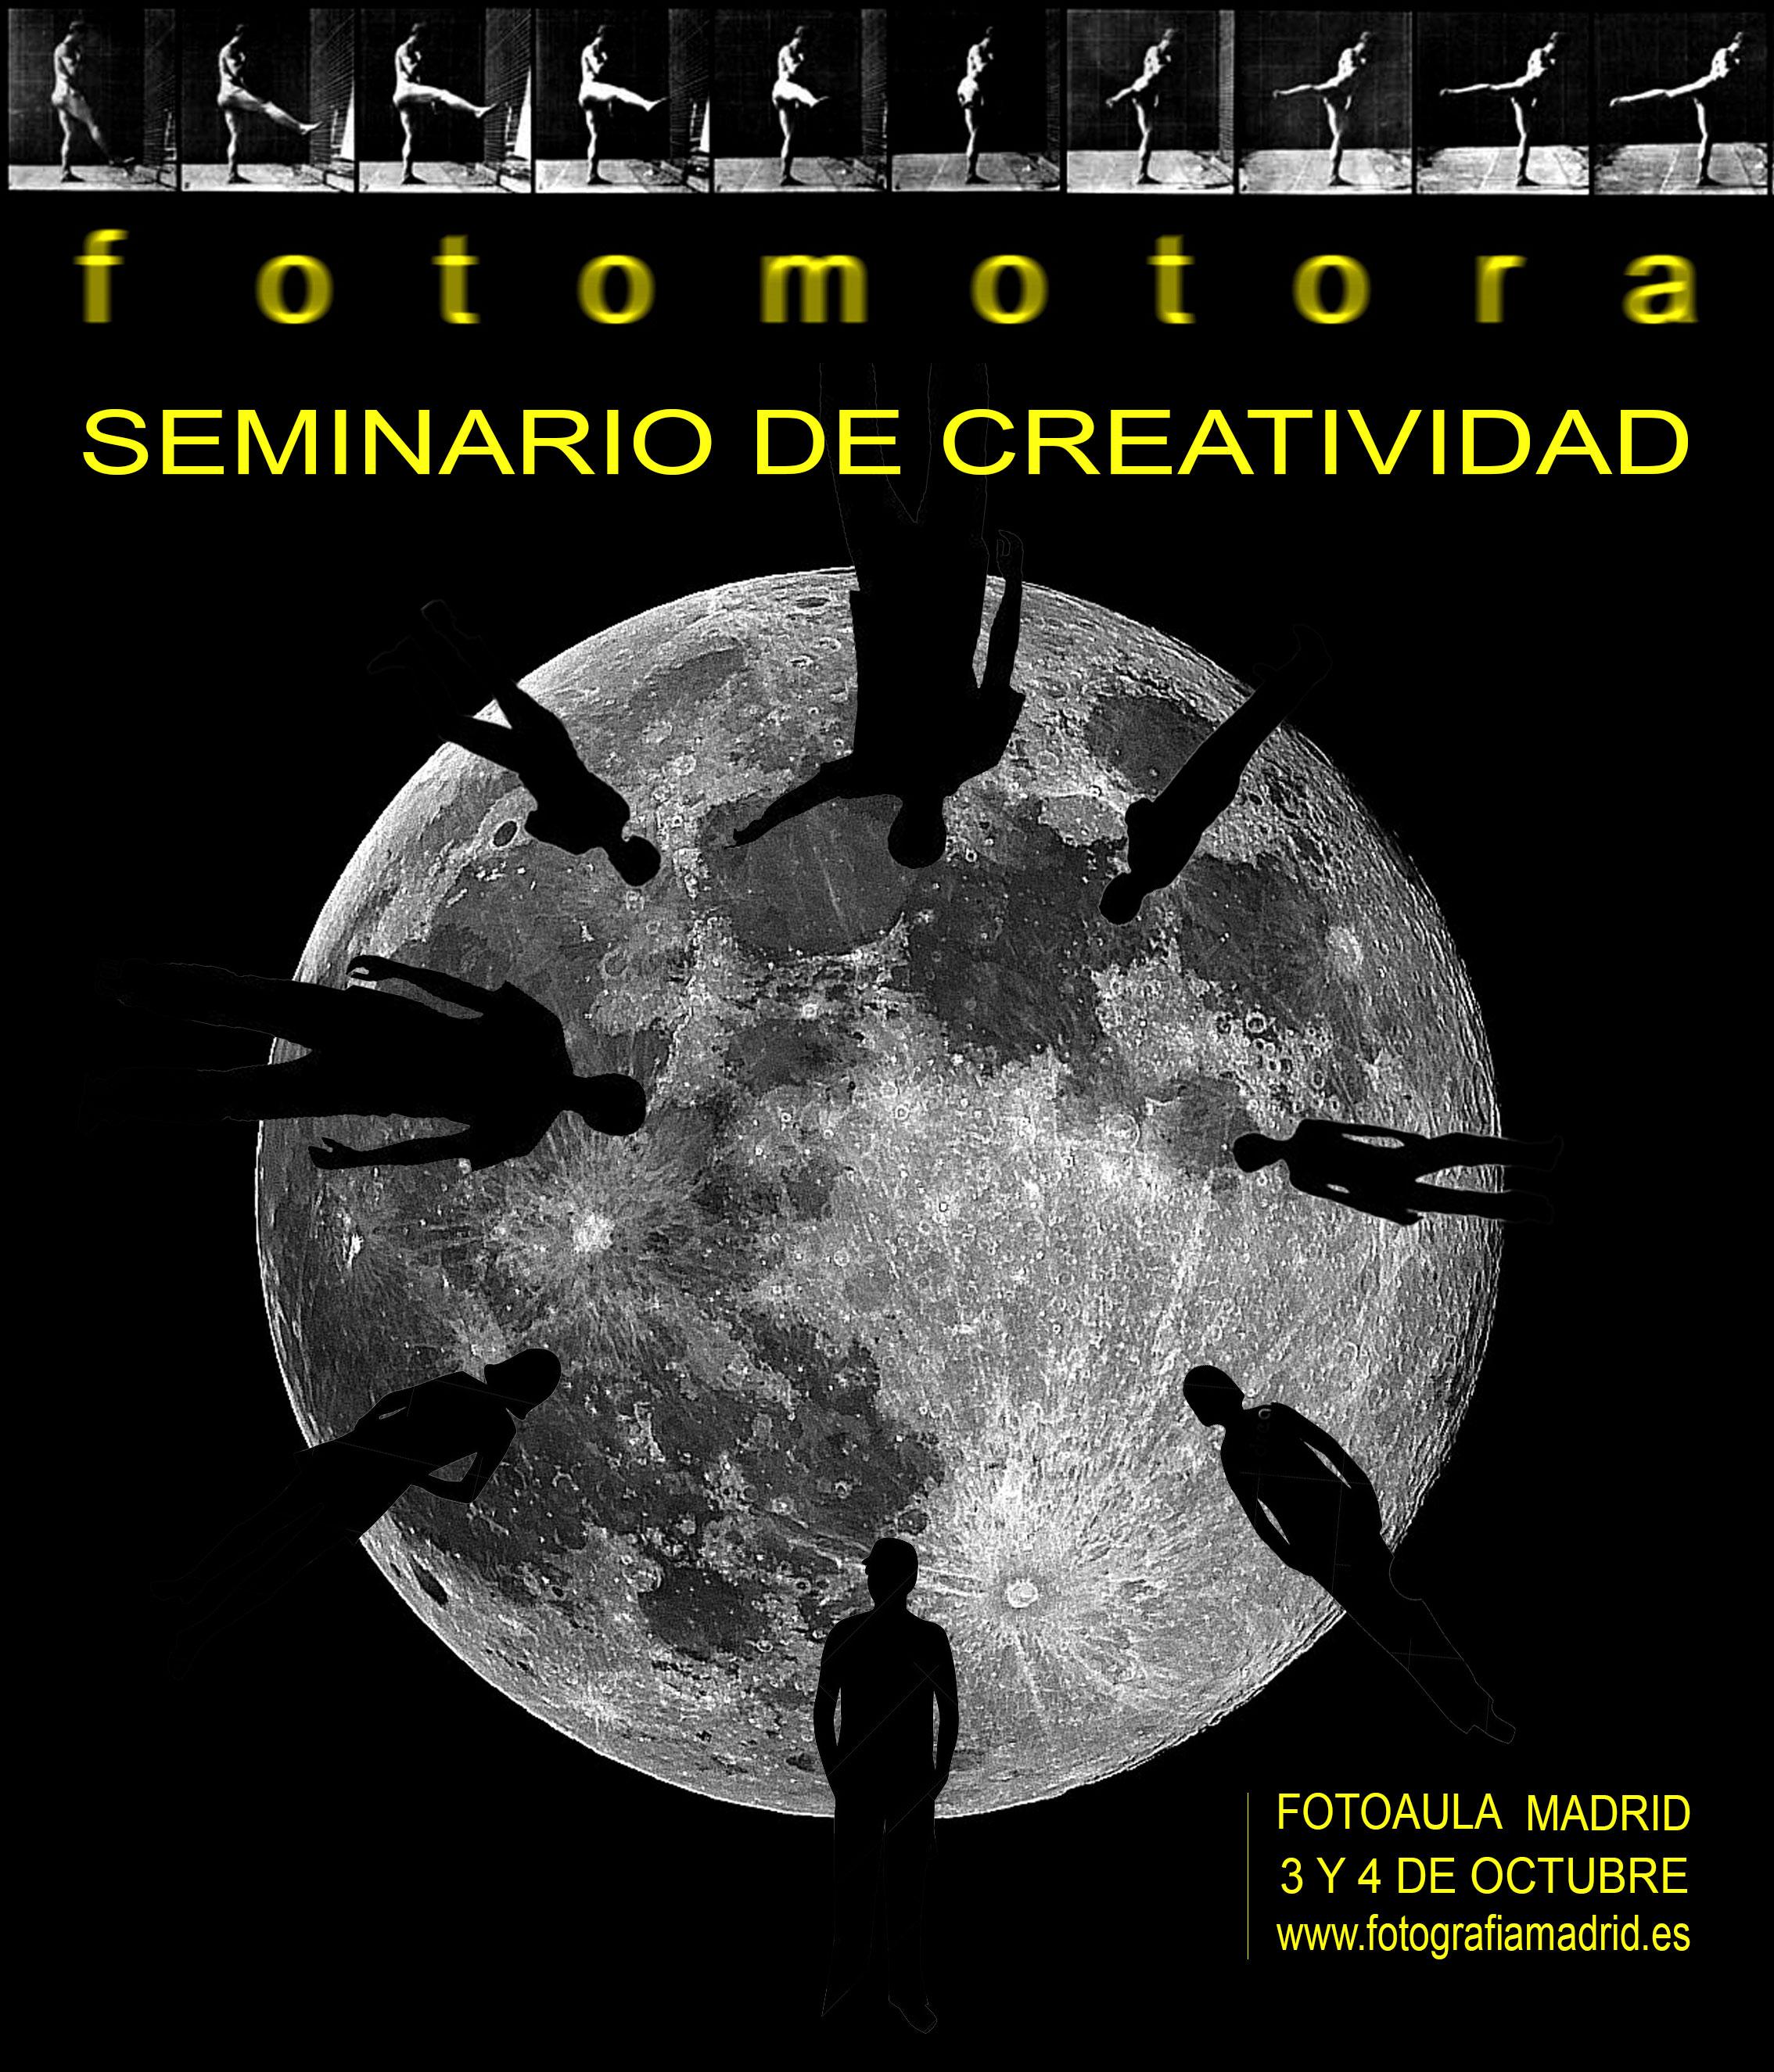 SEMINARIO DE CREATIVIDAD